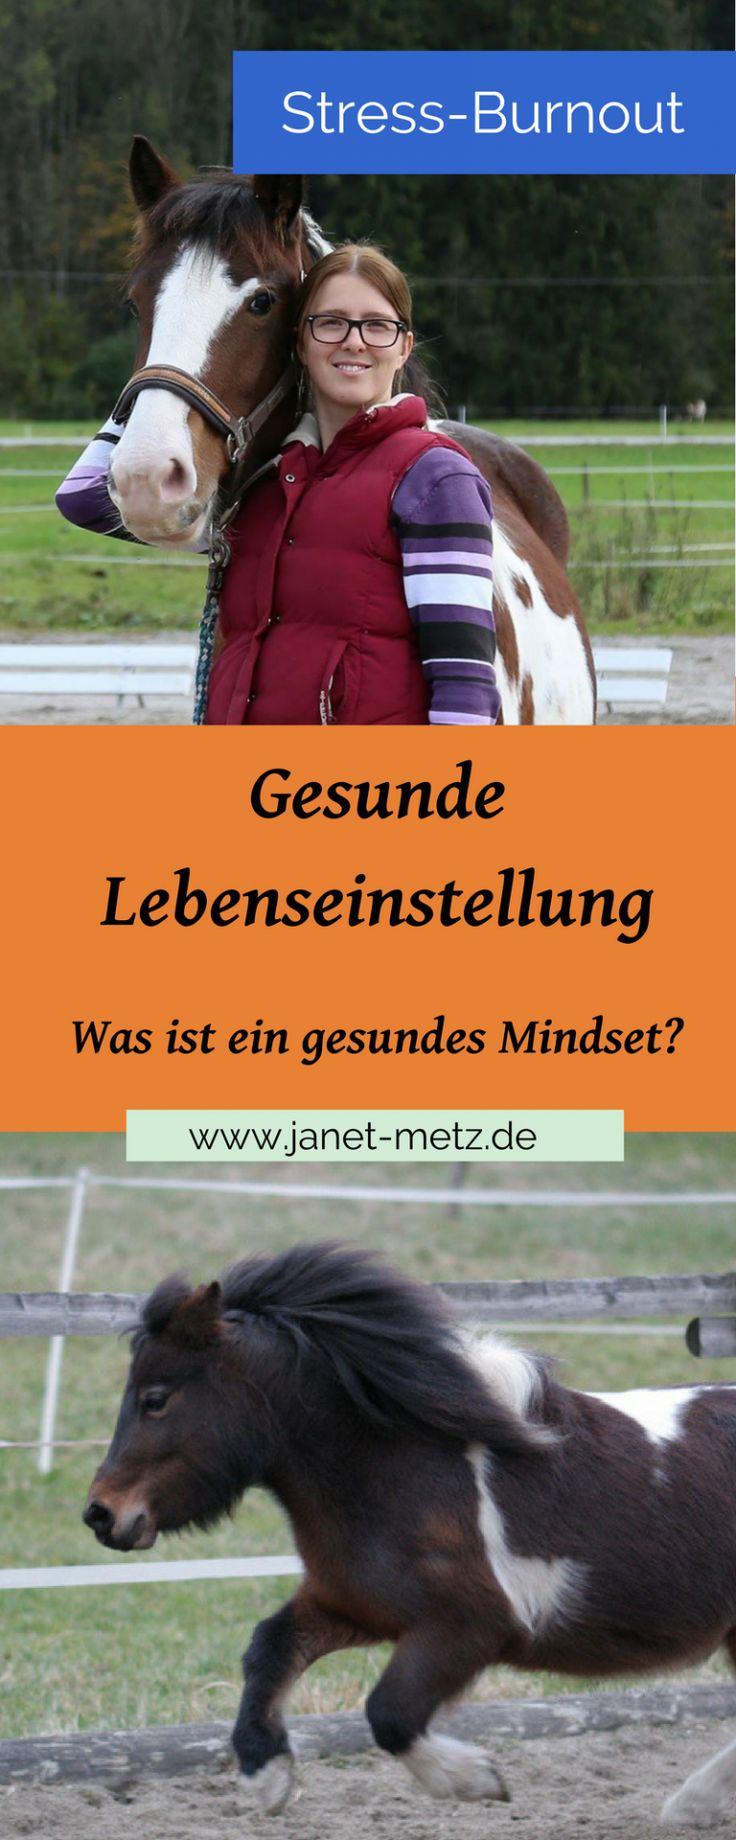 Gesunde Lebenseinstellung - Janet Metz - Pferdegestützte Persönlichkeitsentwicklung